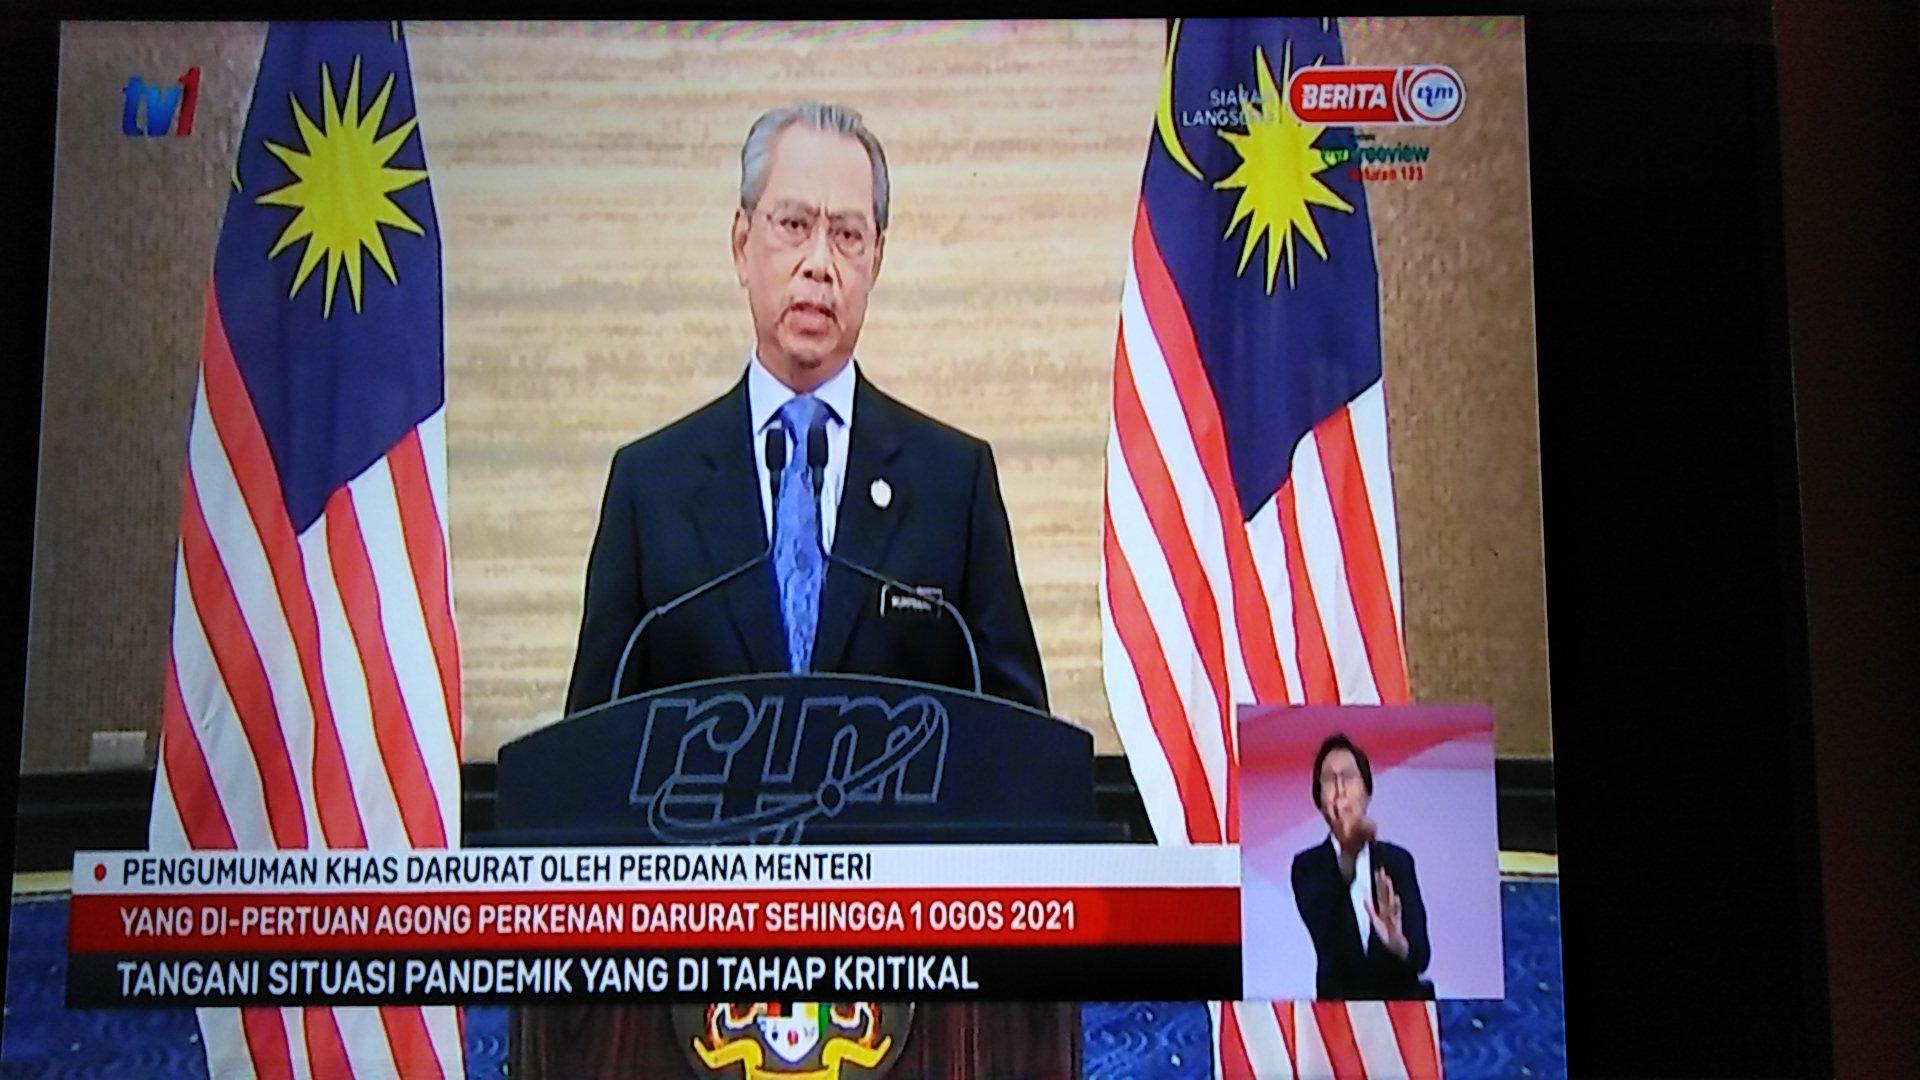 pengumuman khas darurat malaysia perdana menteri